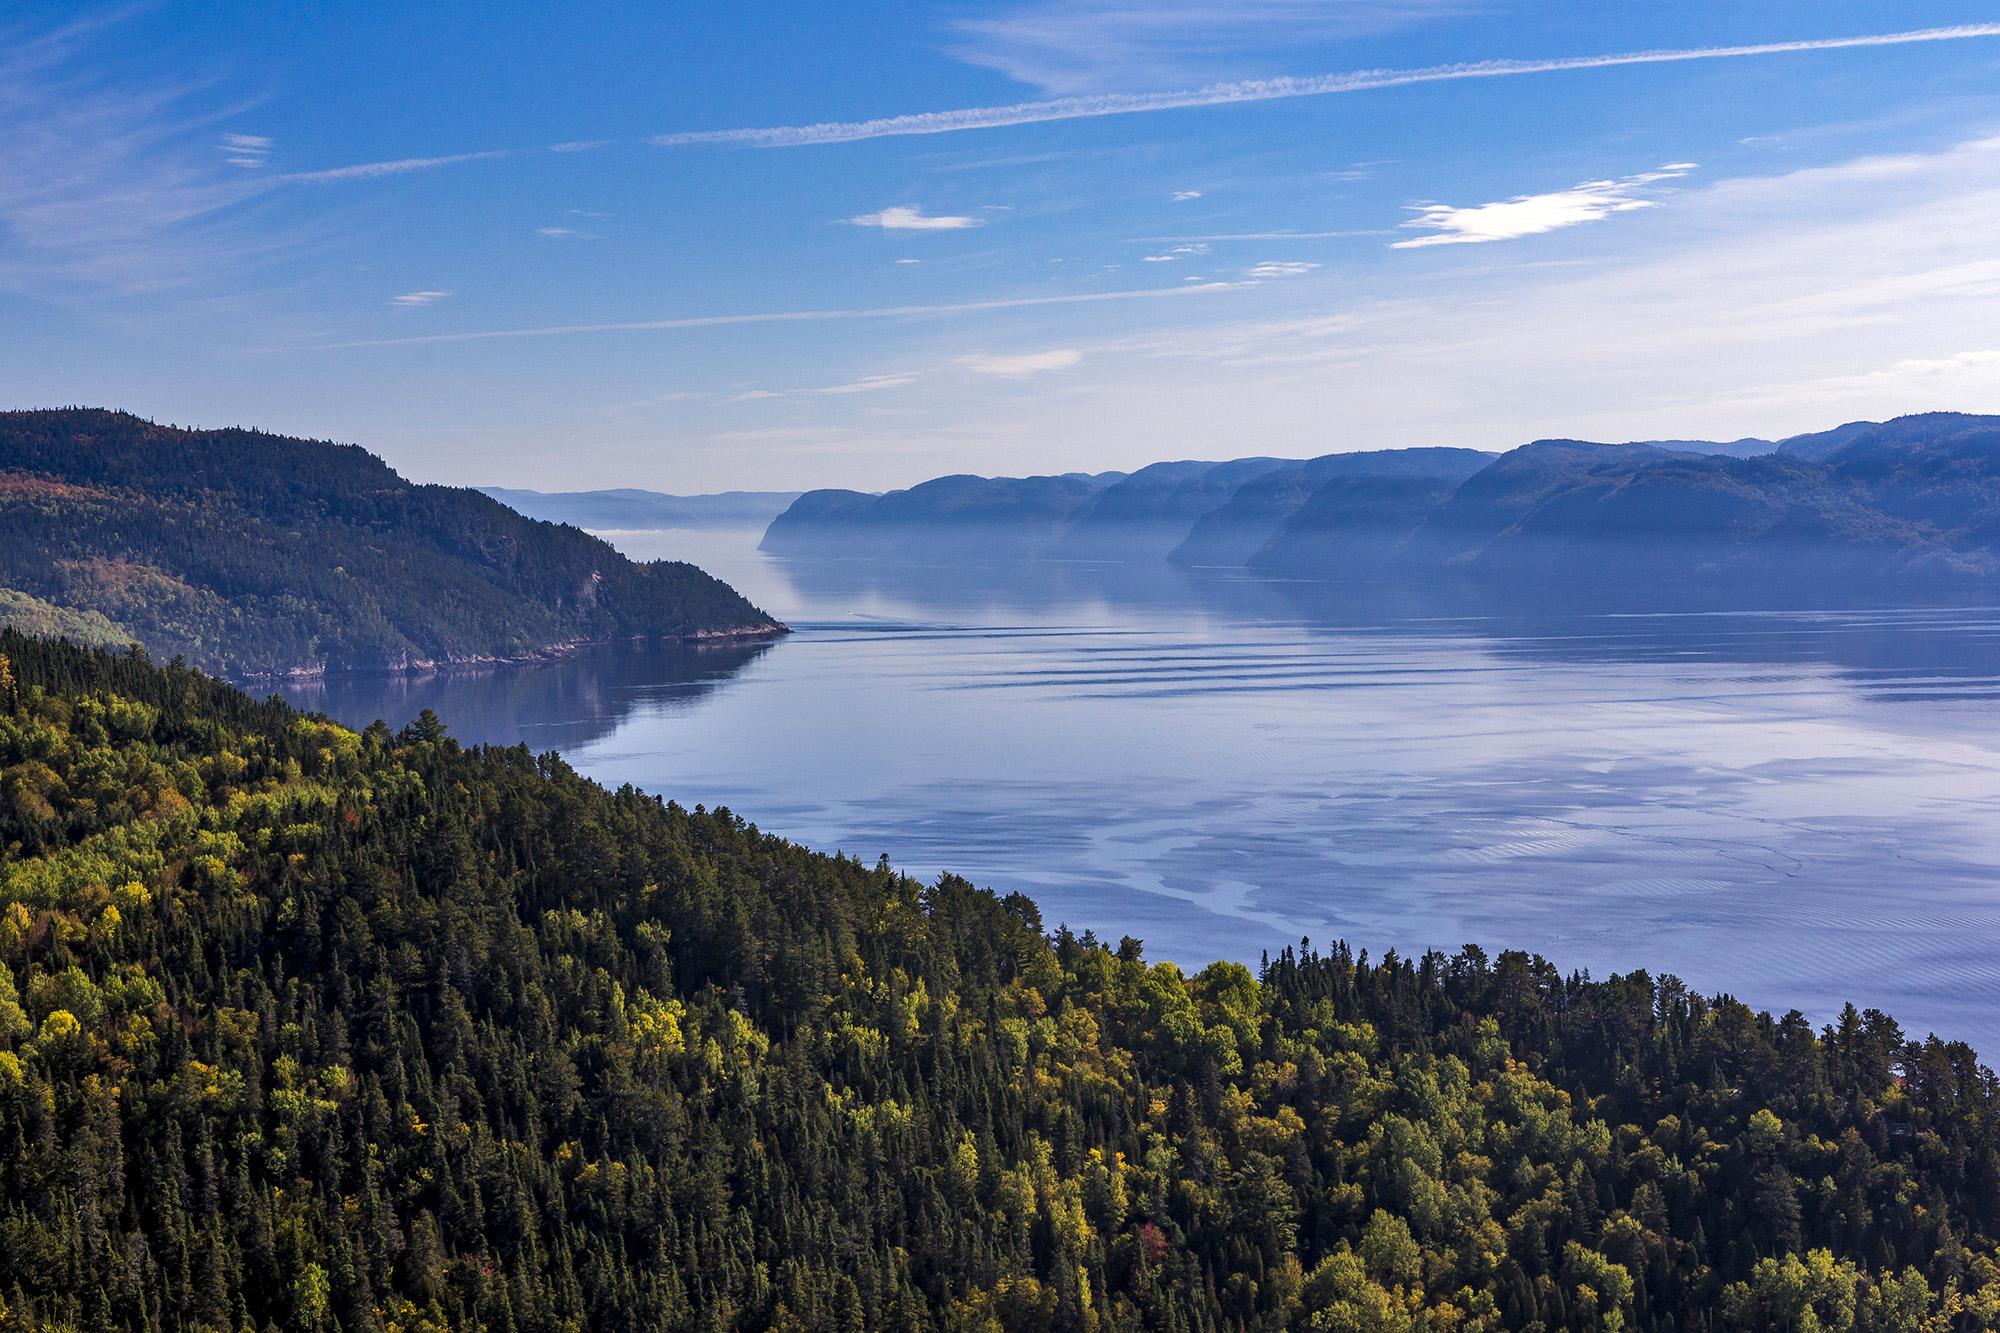 Sainte-Rose-du-Nord dans le Parc national du Fjord-du-Saguenay au Canada